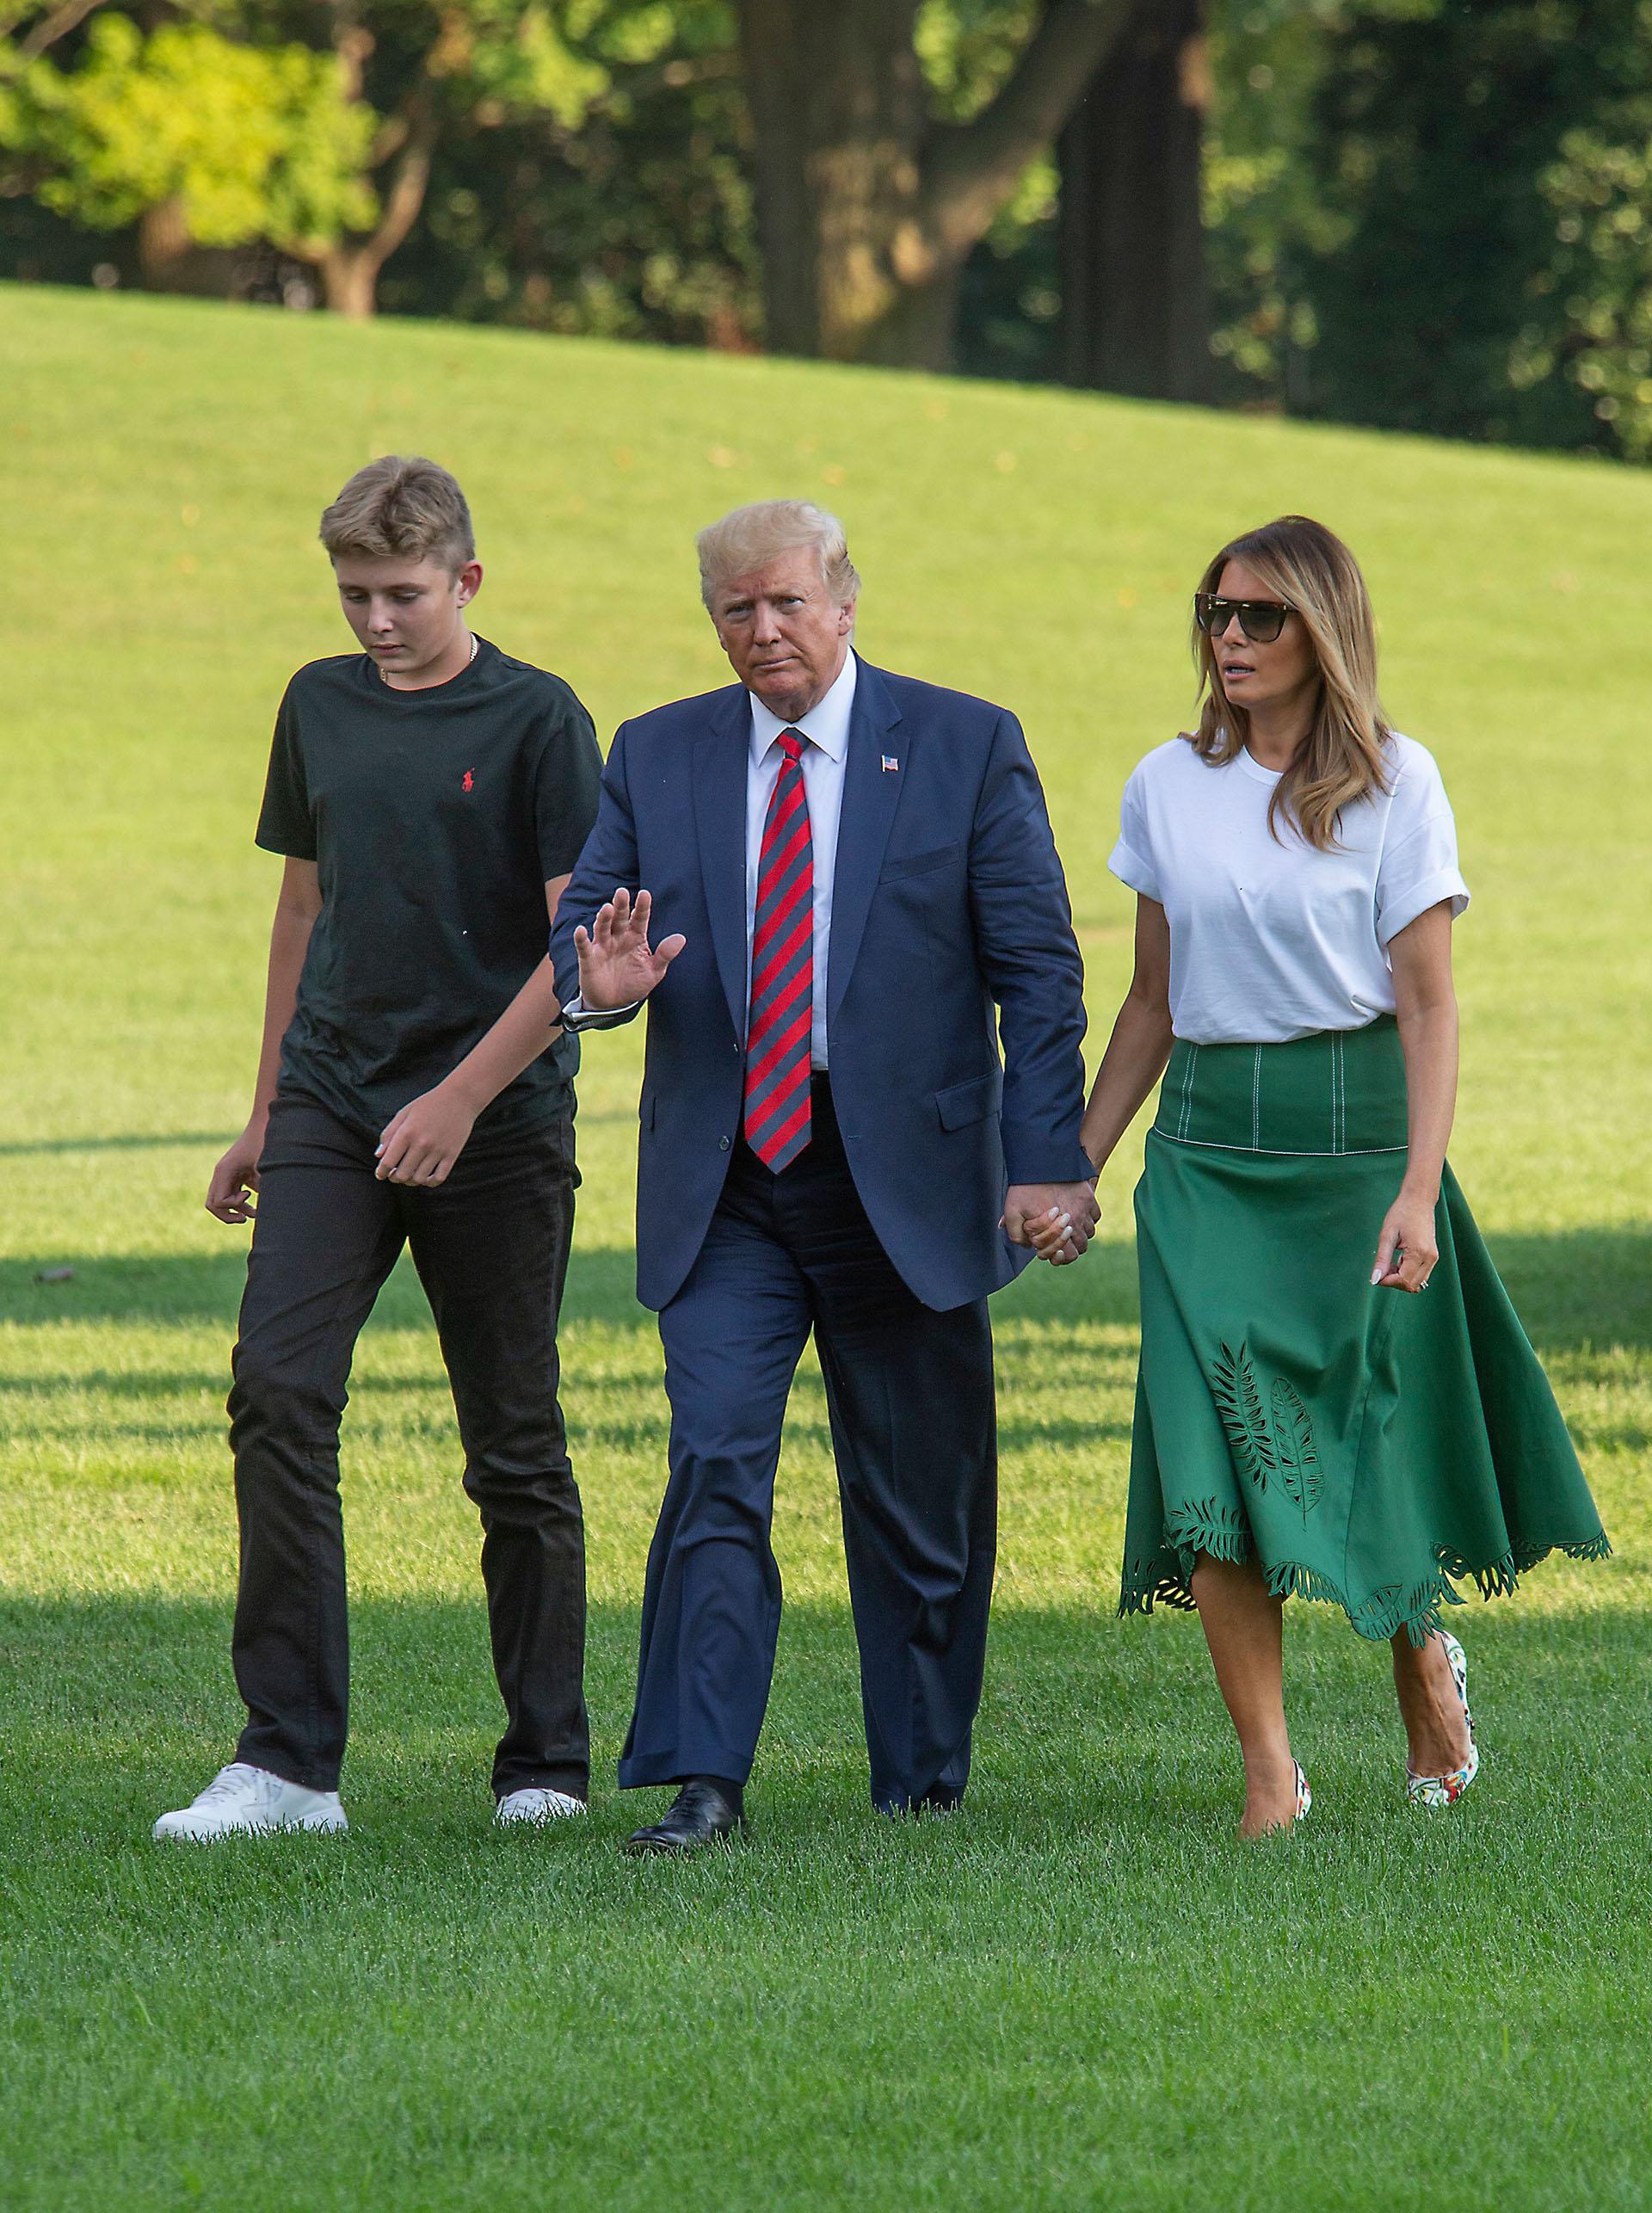 De vuelta en la Casa Blanca, la primera dama, se inclinó por mantener su estilo clásico